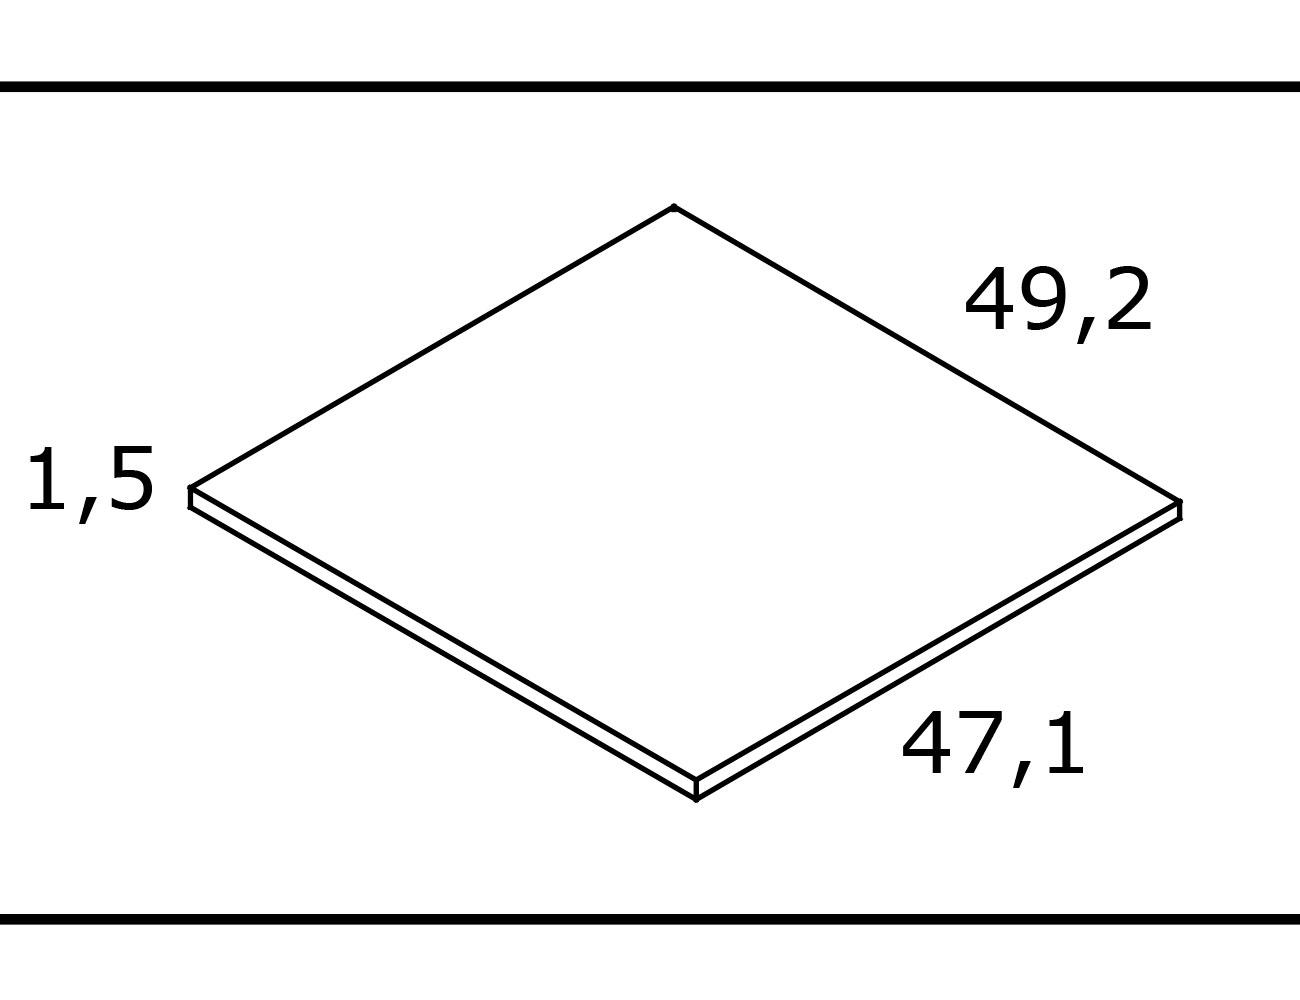 Cnx148